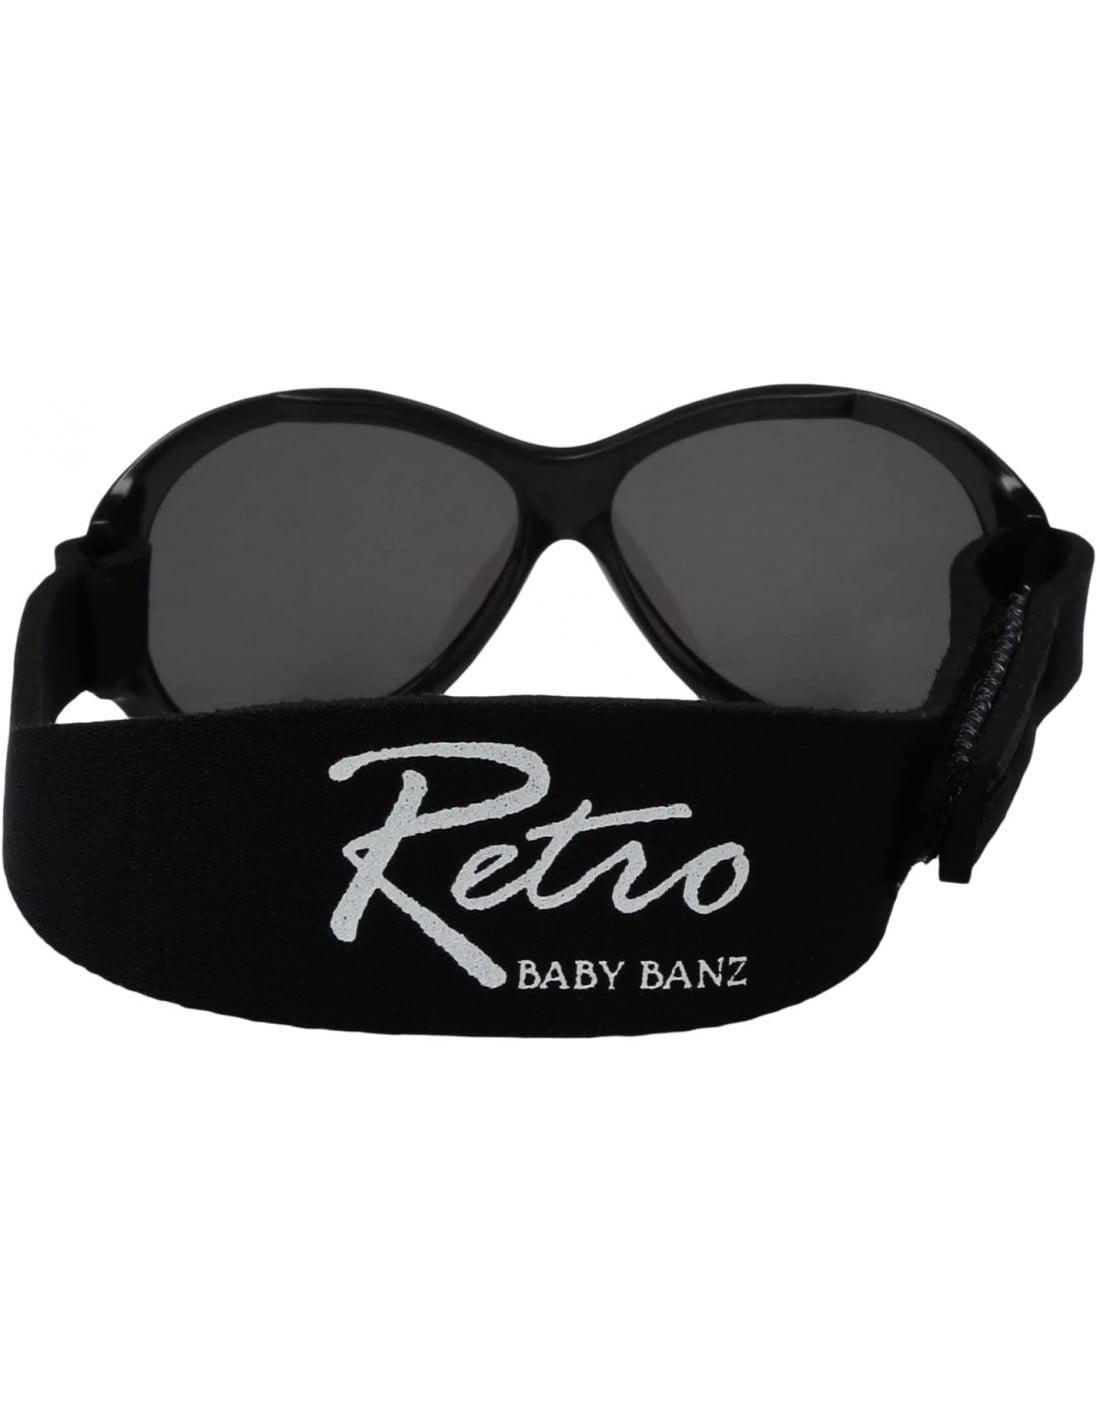 Ochelari de soare Bebe 0-2 ani Retro Oval Black (negri) Banz 3